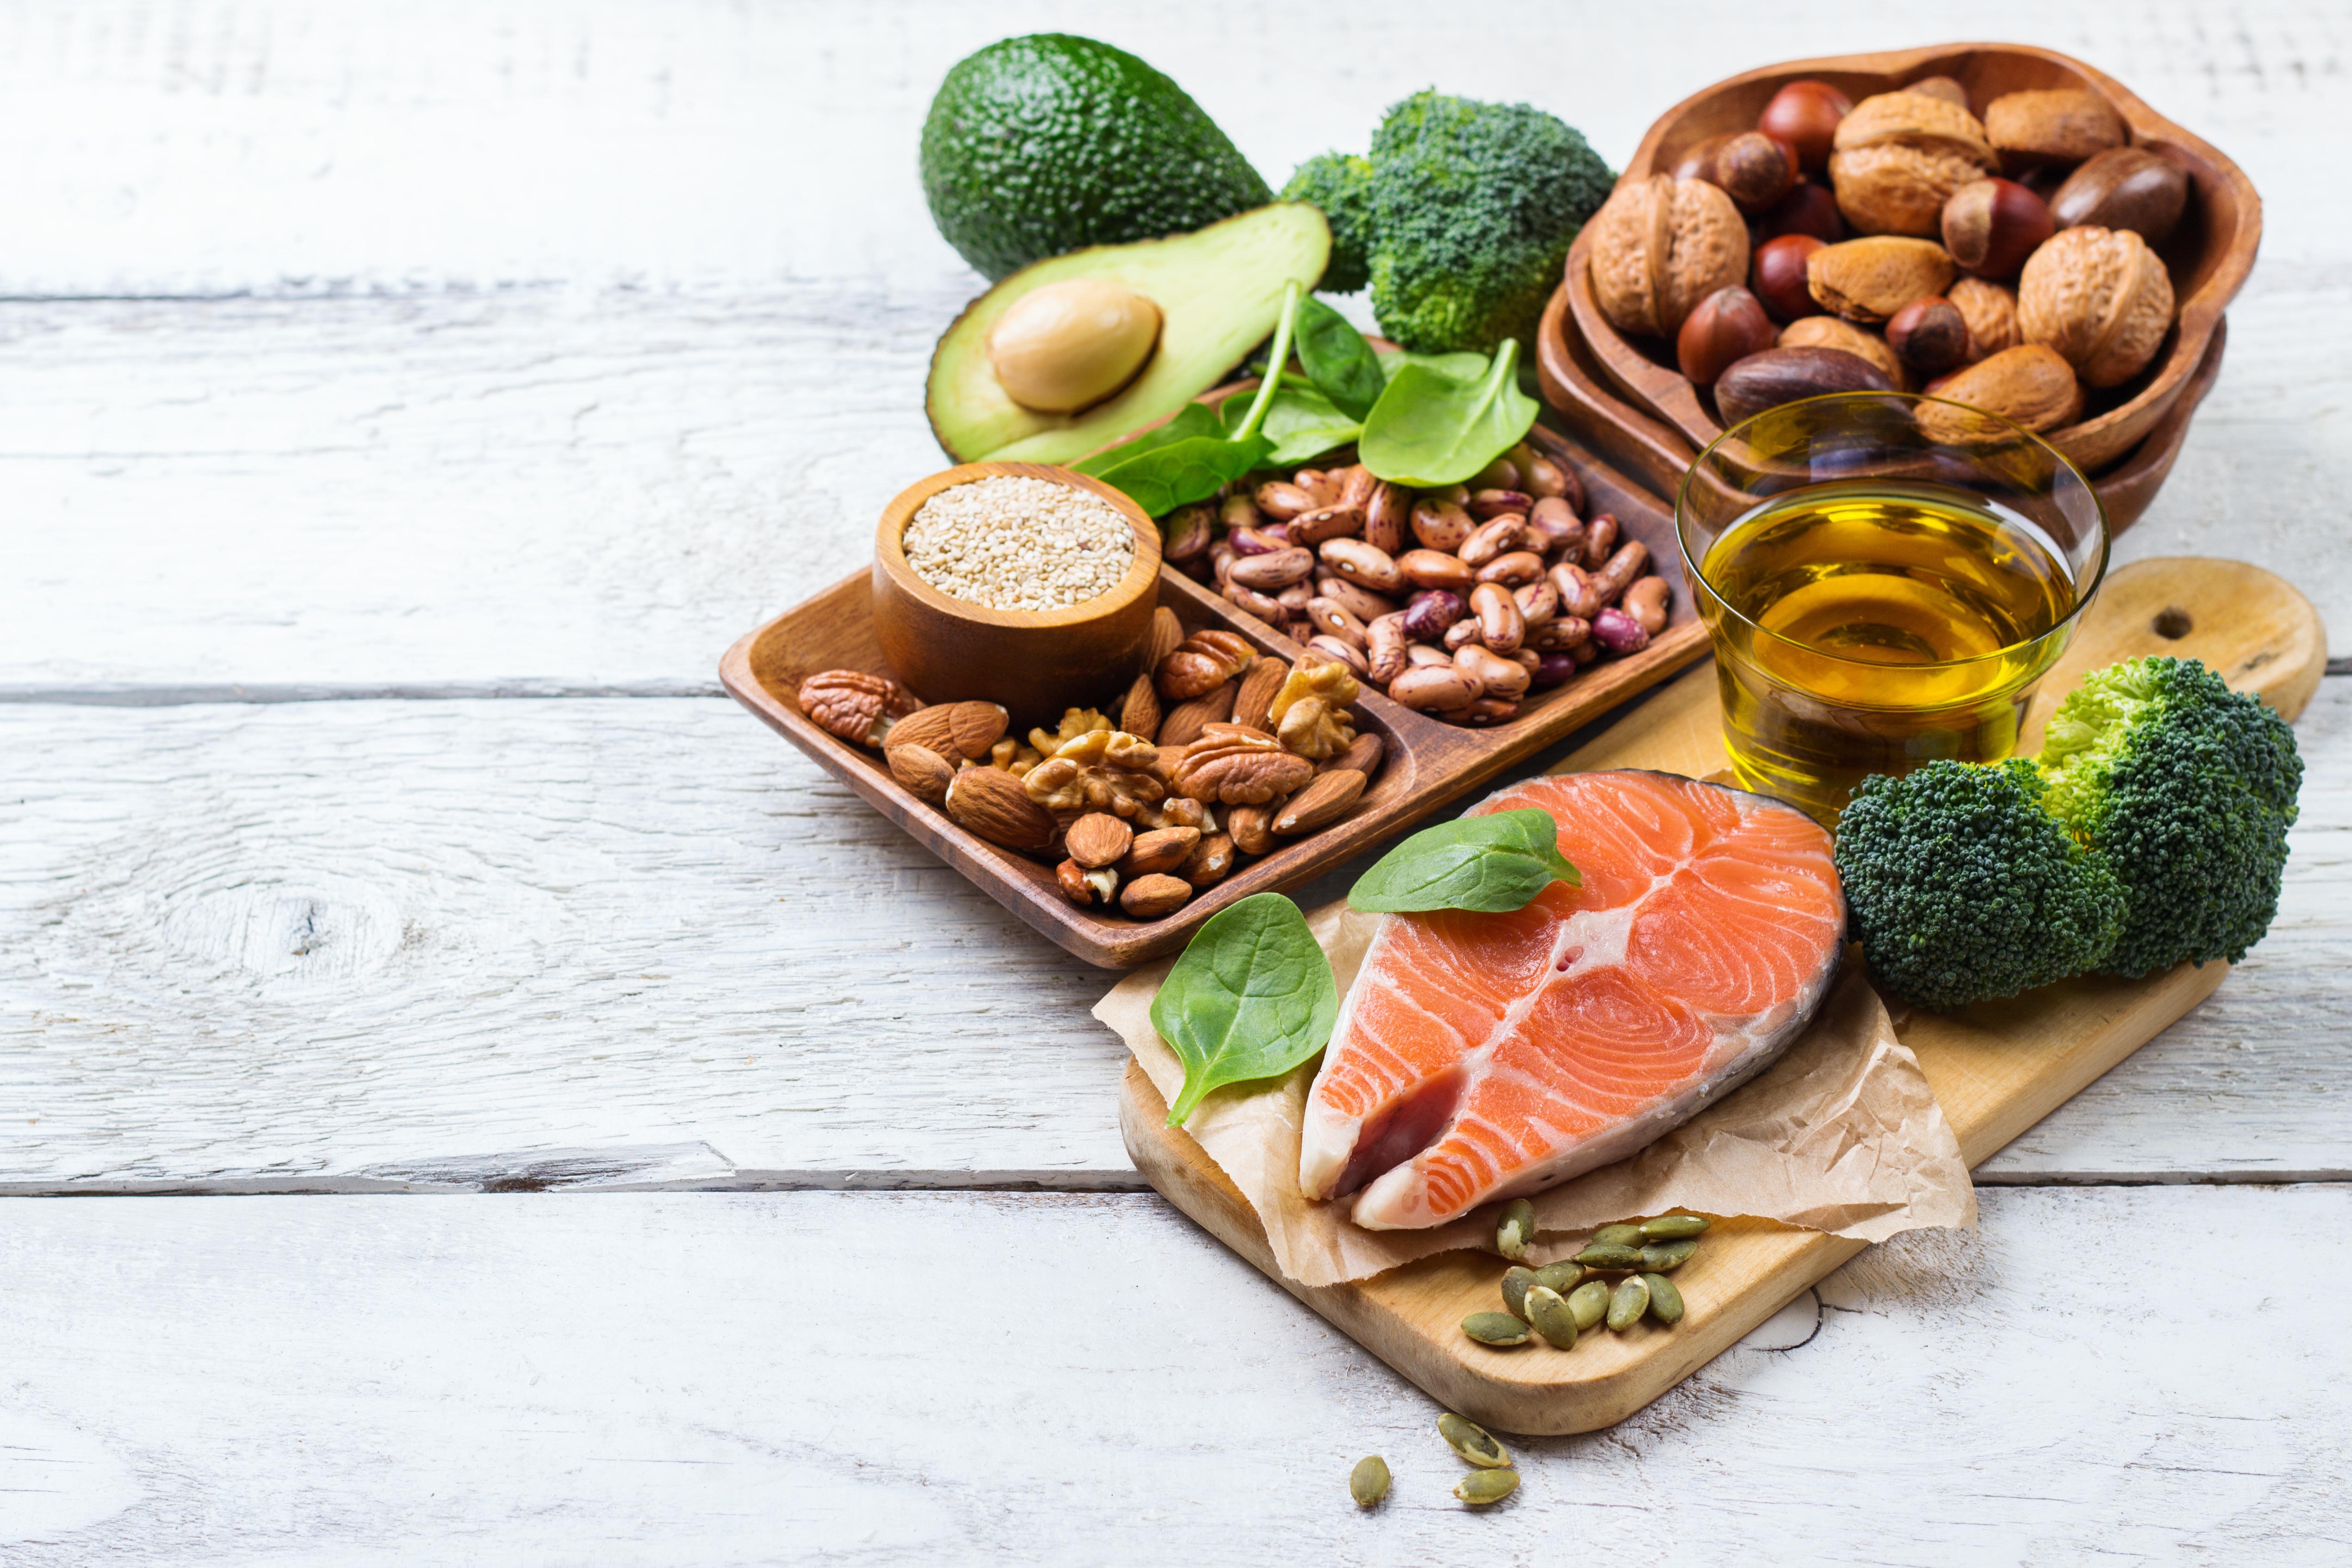 Fleromättat fett kopplas till minskad allergirisk